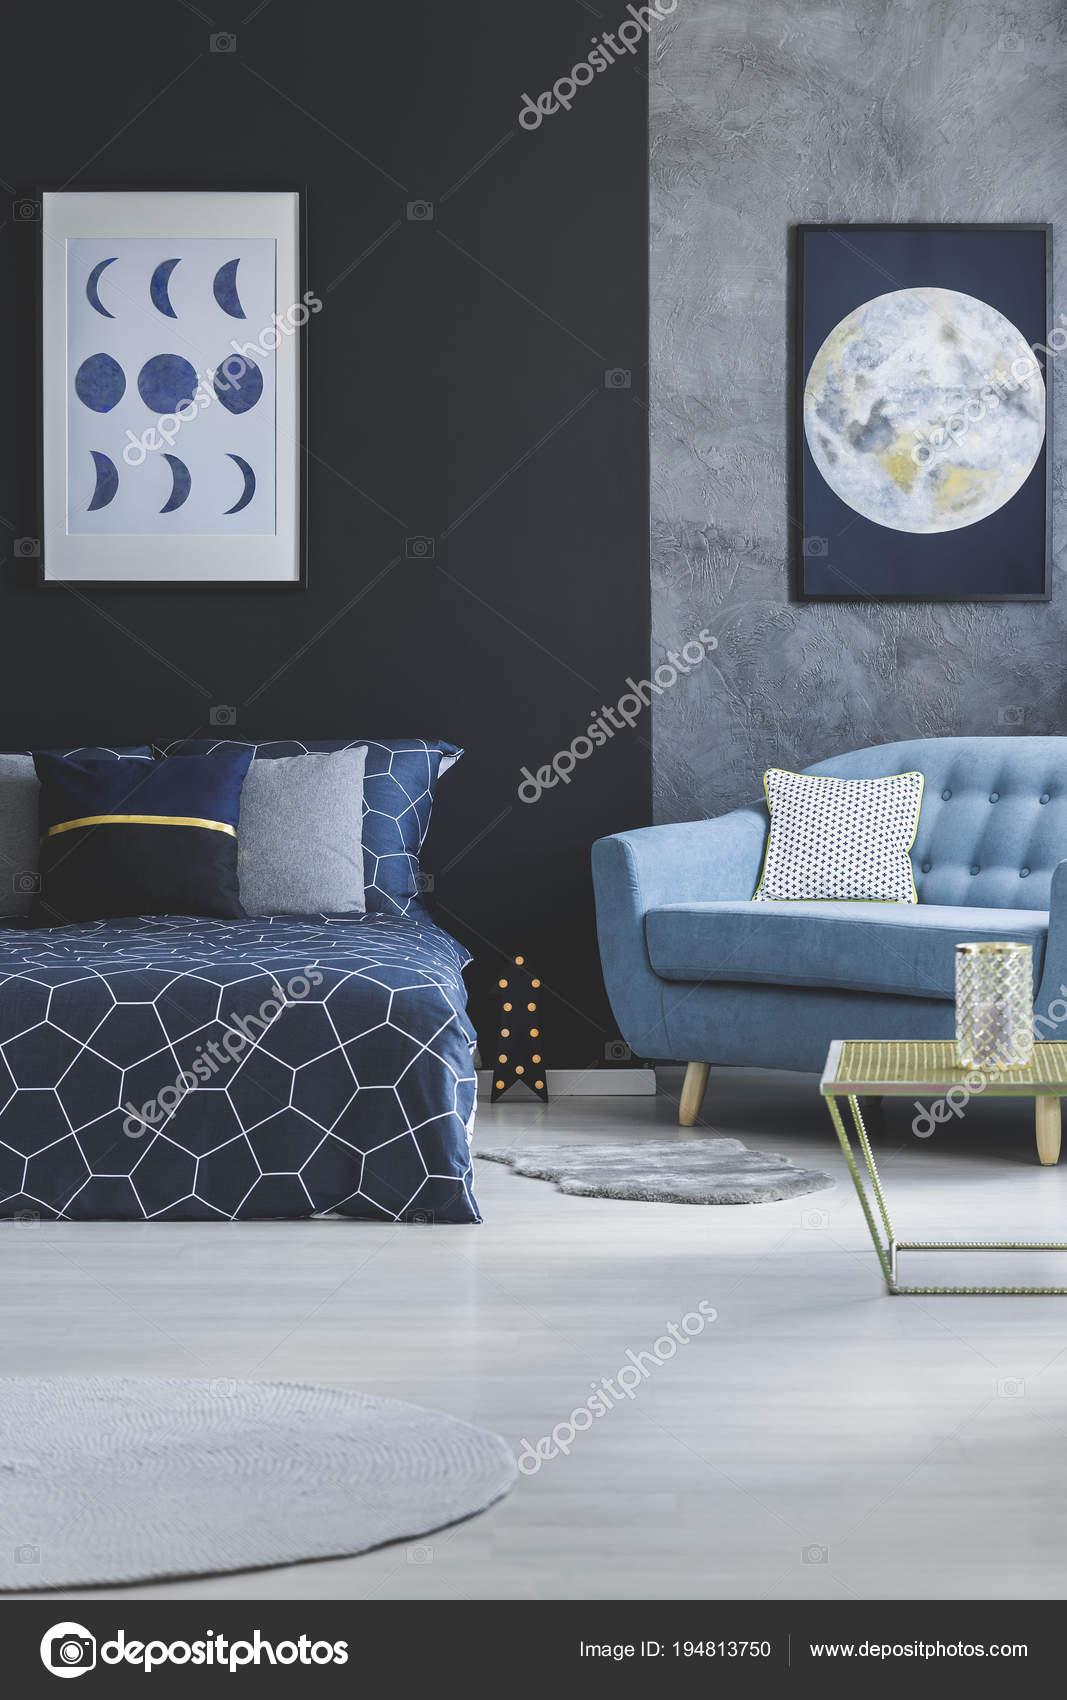 Dunkles Schlafzimmer Innenraum mit Mond poster — Stockfoto ...